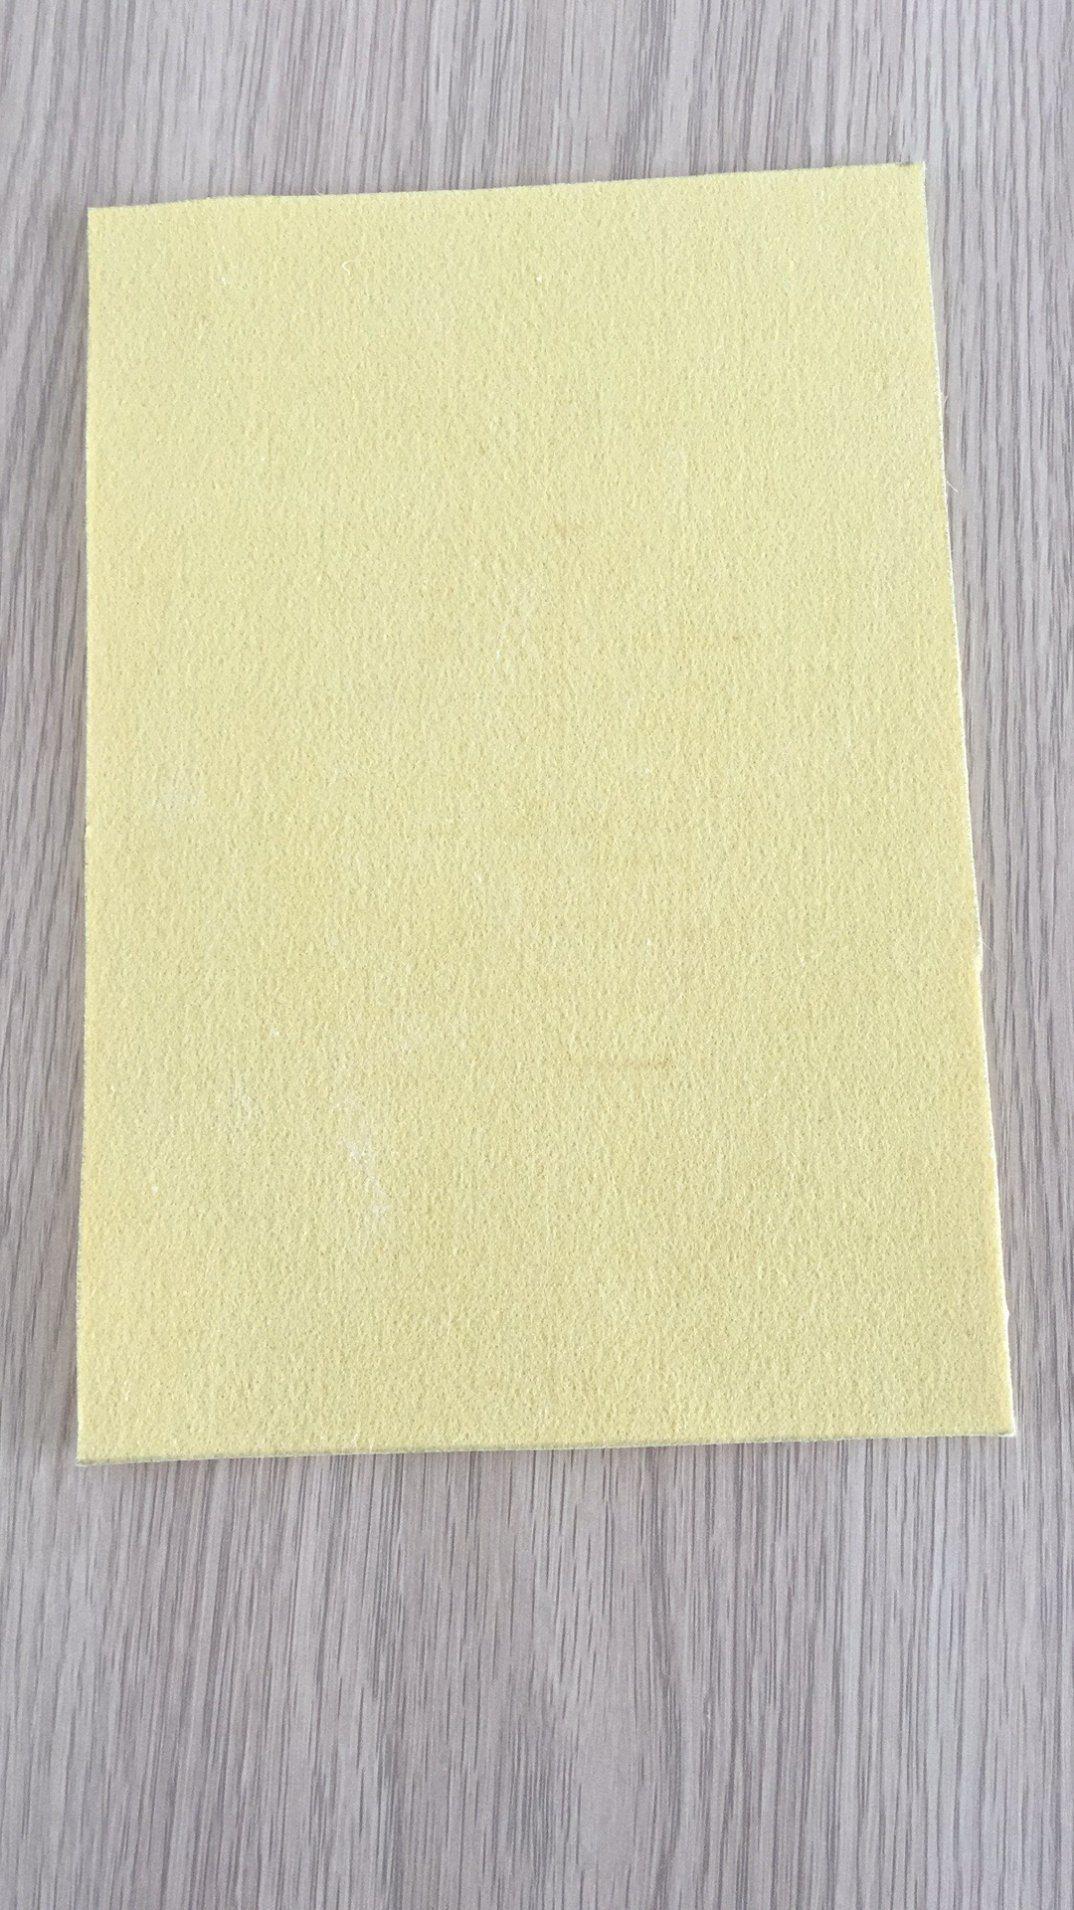 L'ago di P84 Nomex ha perforato il feltro per i tessuti del filtro da industria